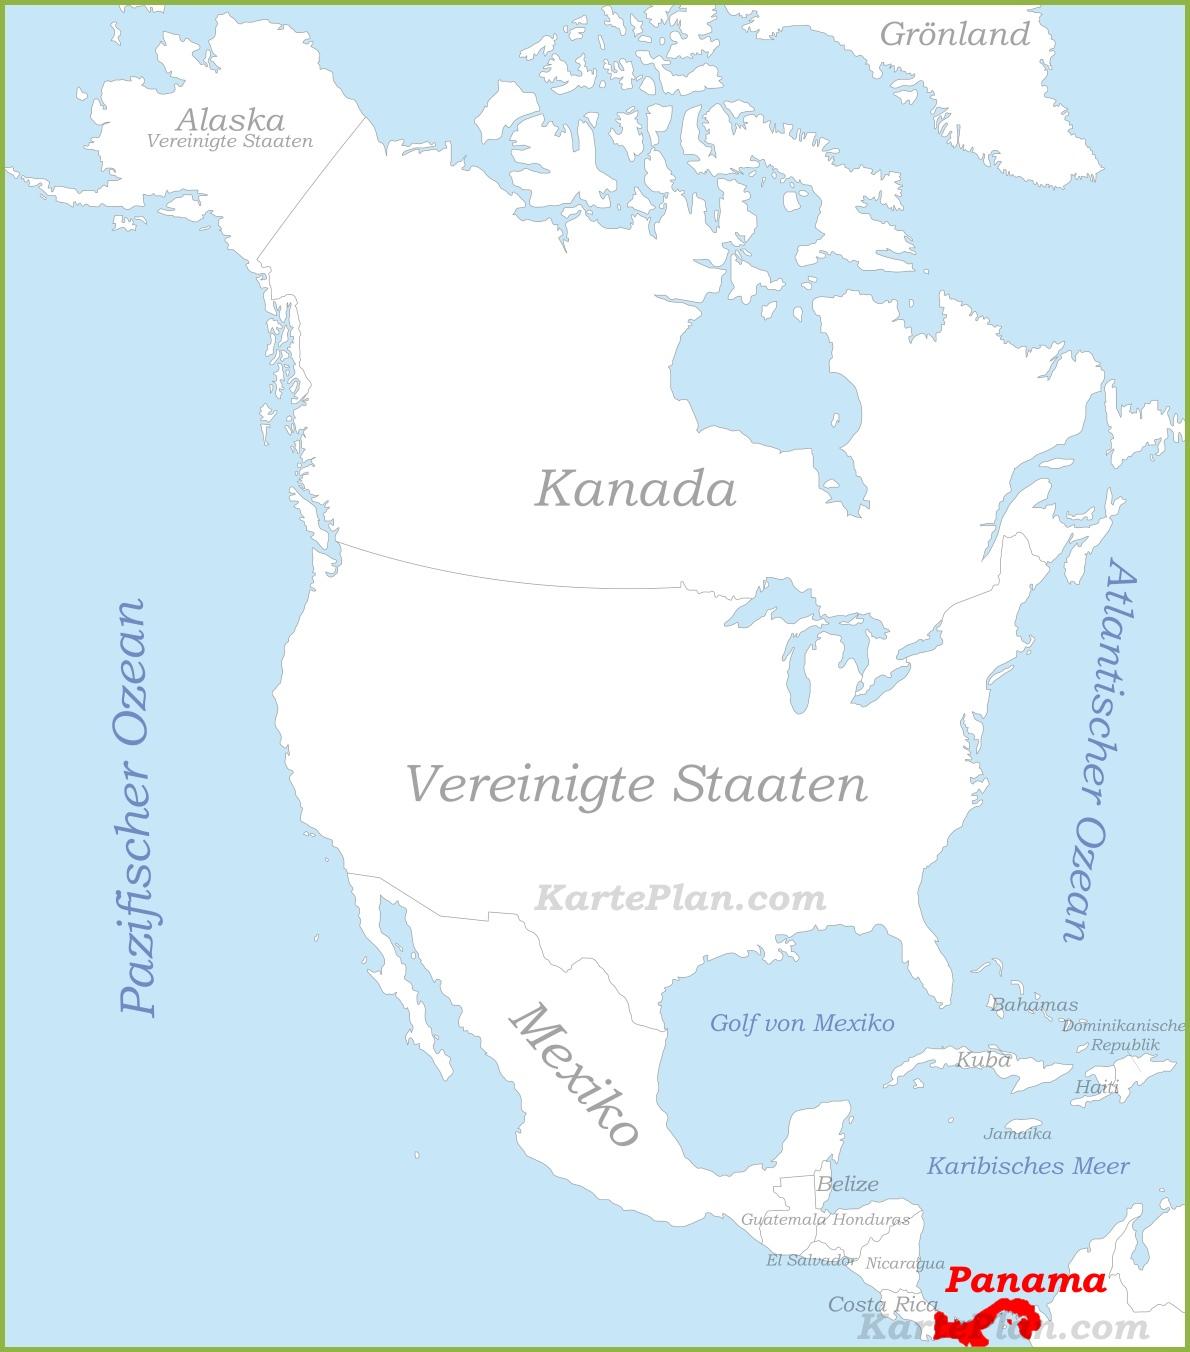 Golf Von Alaska Karte.Panama Auf Der Karte Nordamerikas